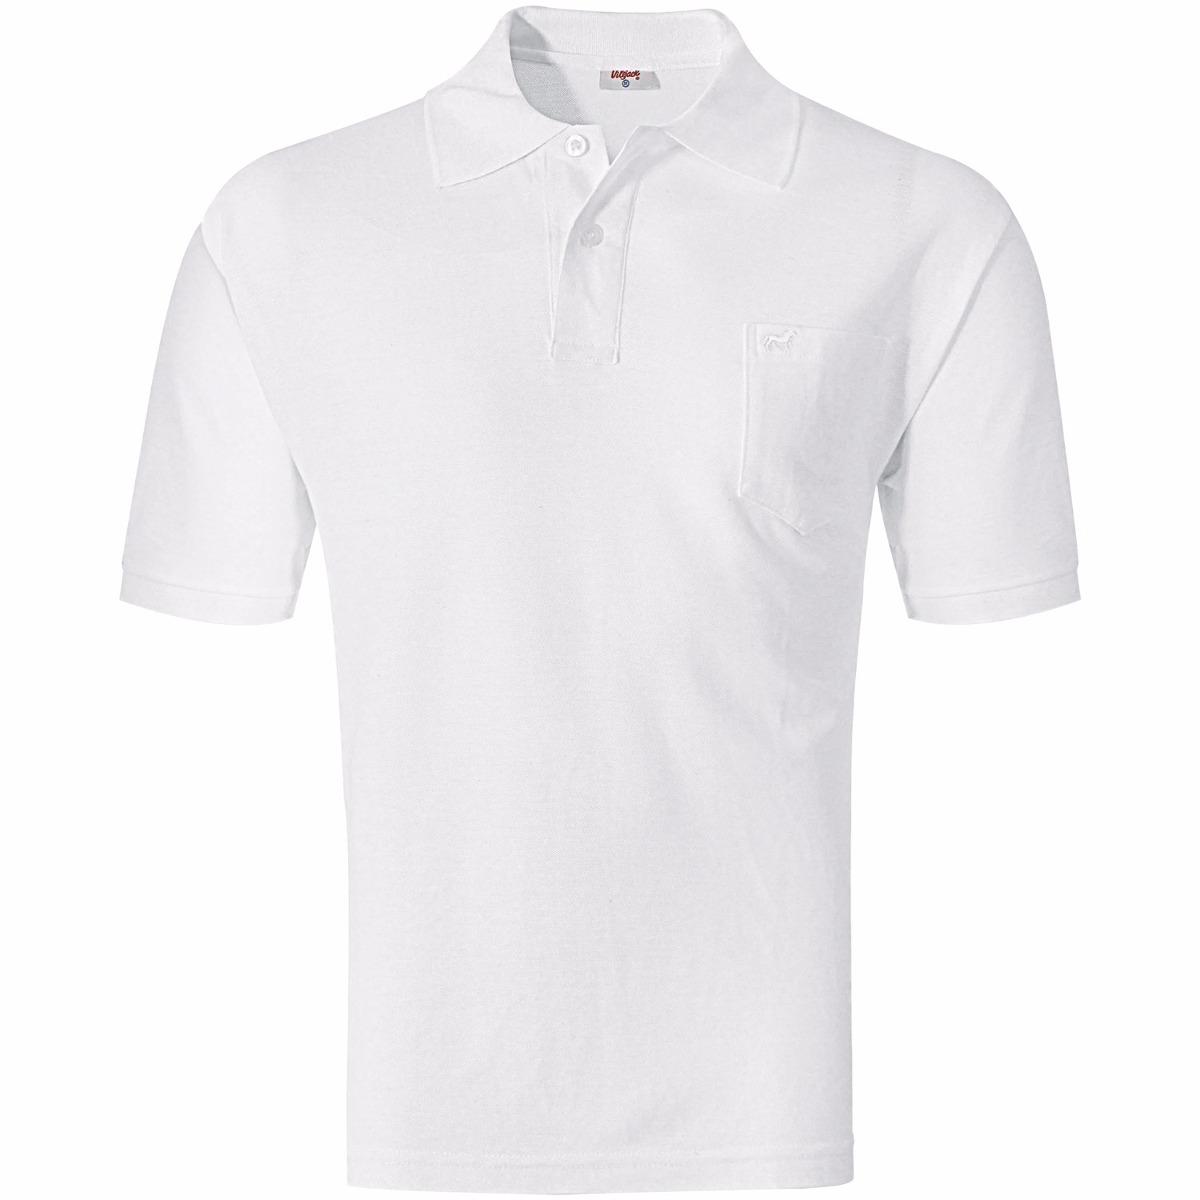 camisa polo lisa com bolso branca 02 médio vilejack. Carregando zoom. e2296627fc92c